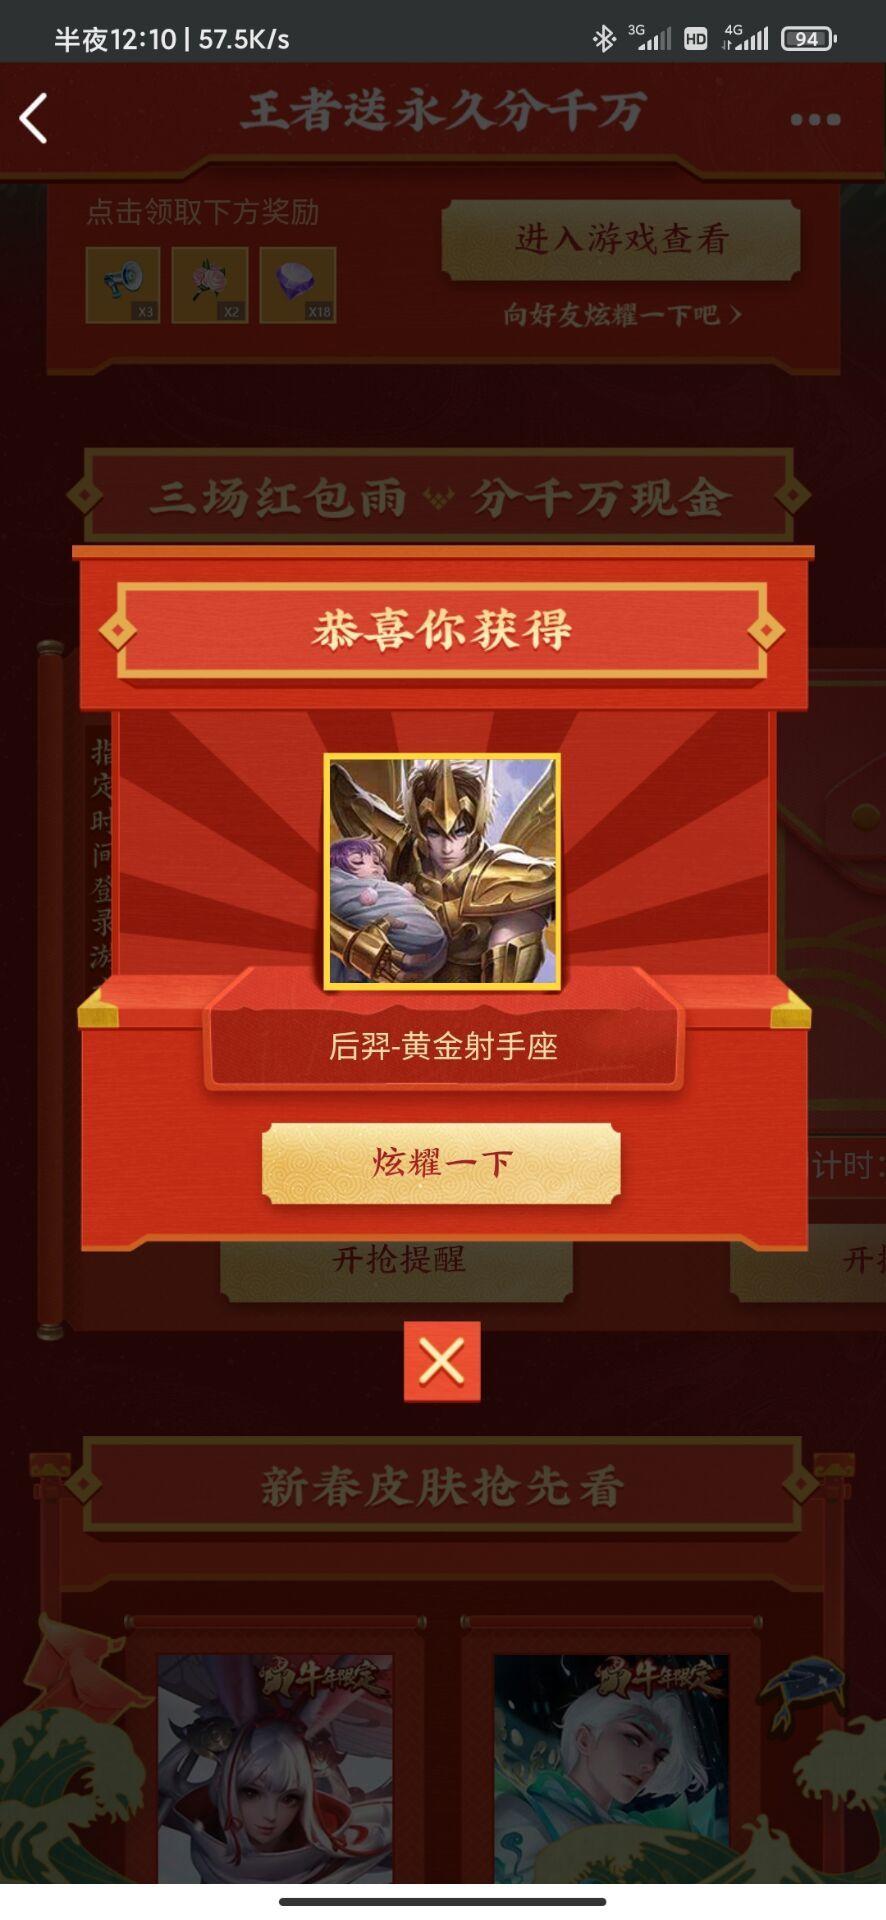 图片[1]-王者荣耀白嫖皮肤-飞享资源网